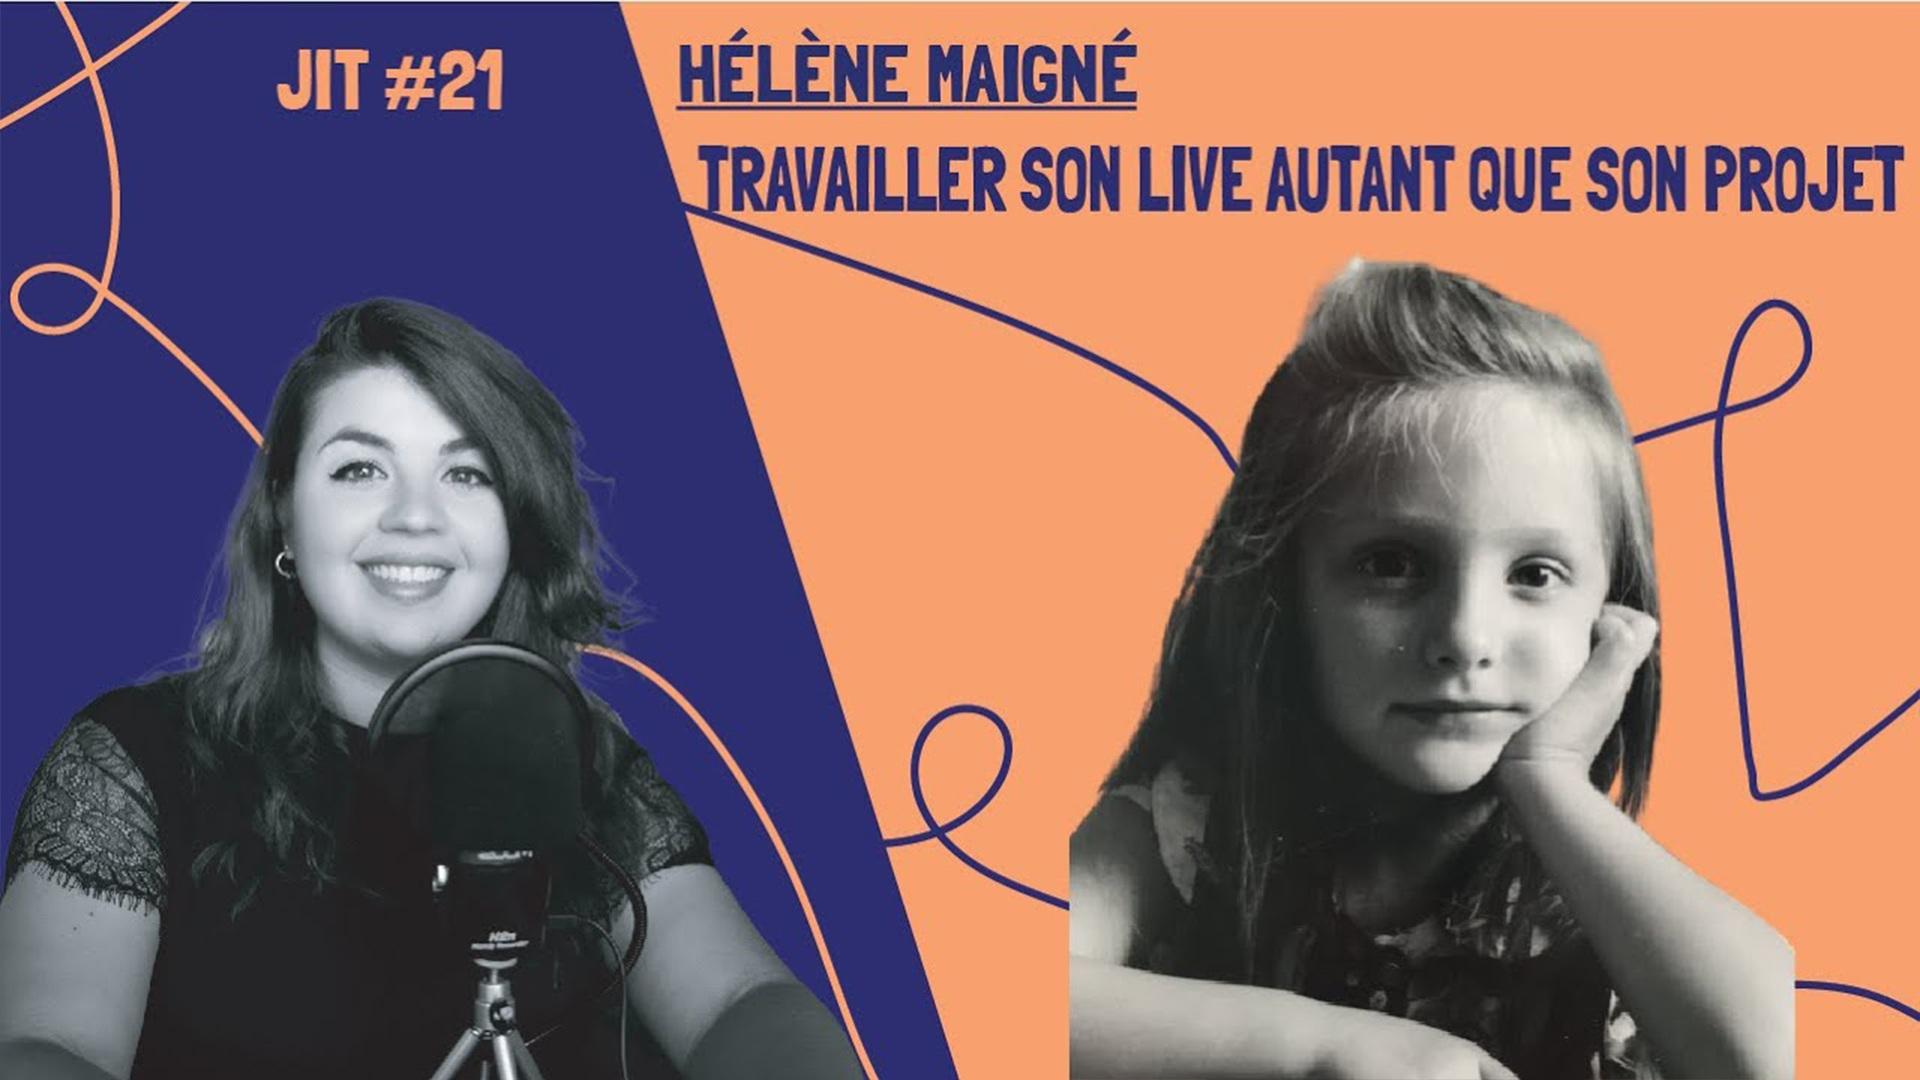 JIT#21 - Hélène Maigné : Travailler son live autant que son projet